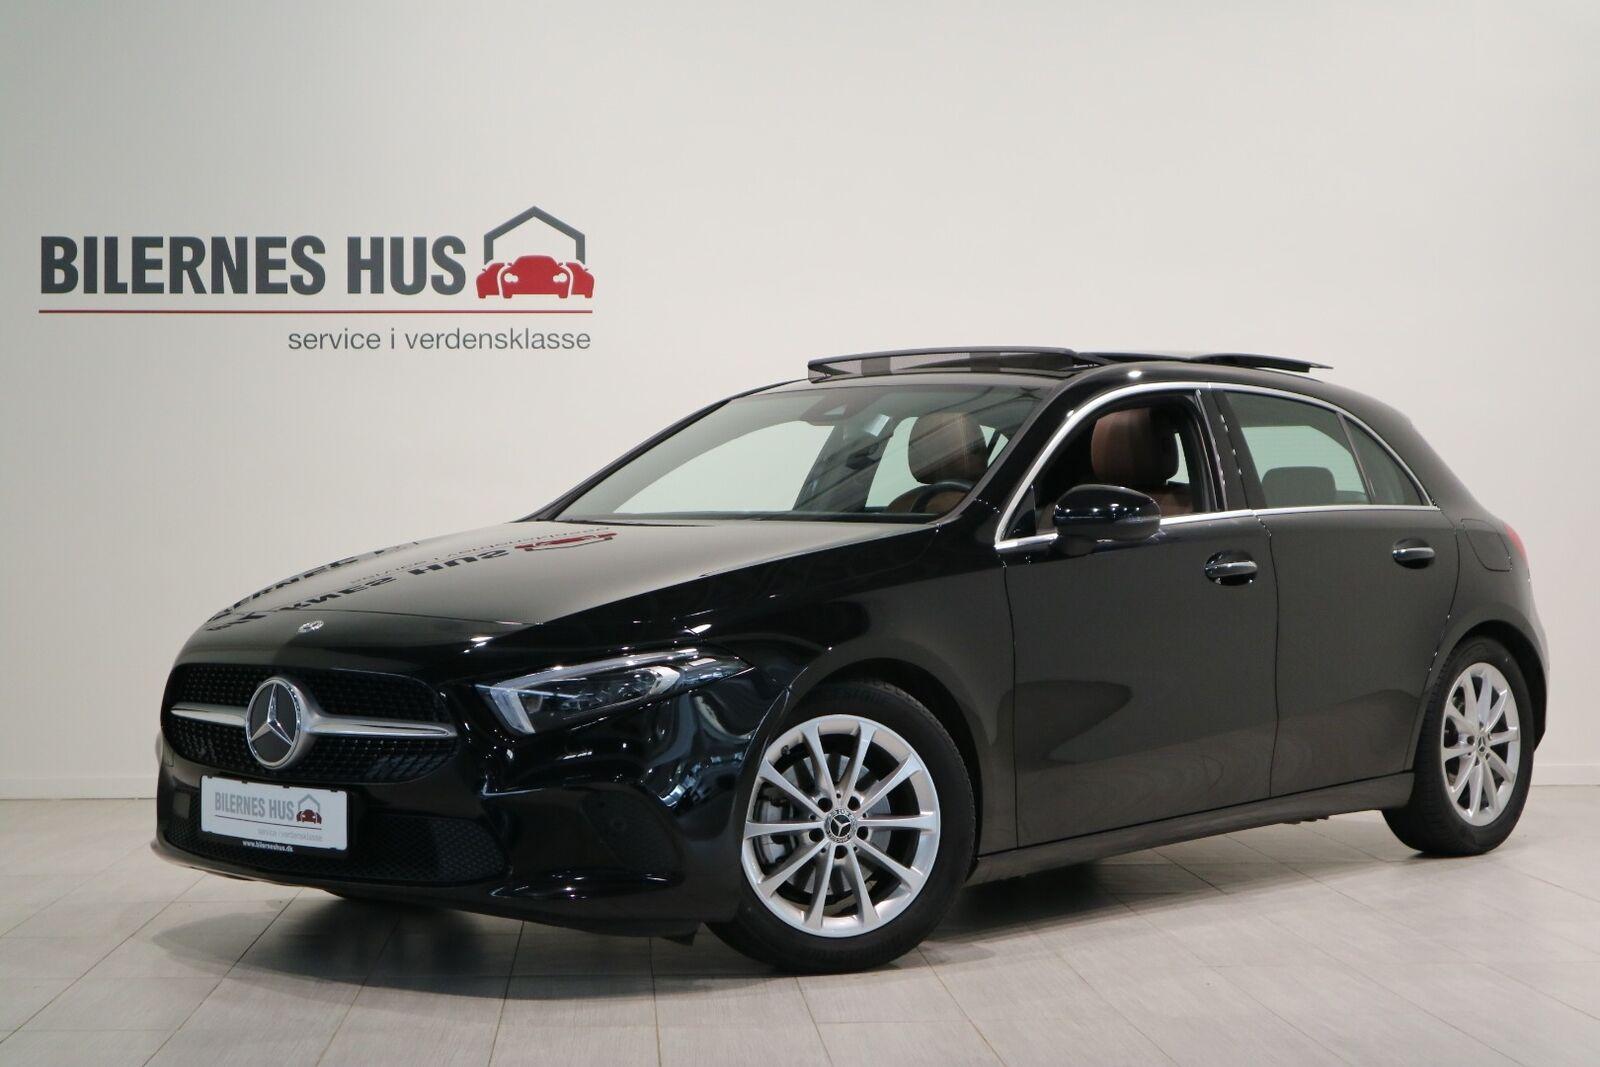 Mercedes A200 Billede 4